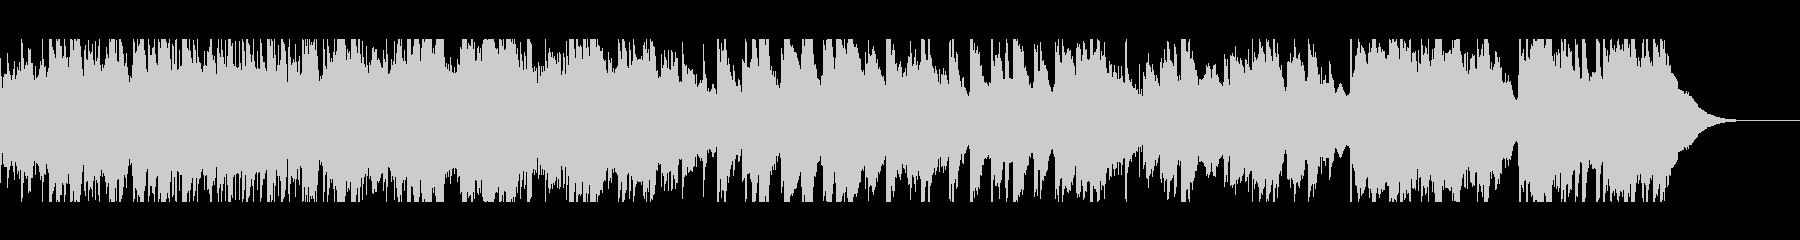 ヴァルキリープロファイル系ハープバラードの未再生の波形